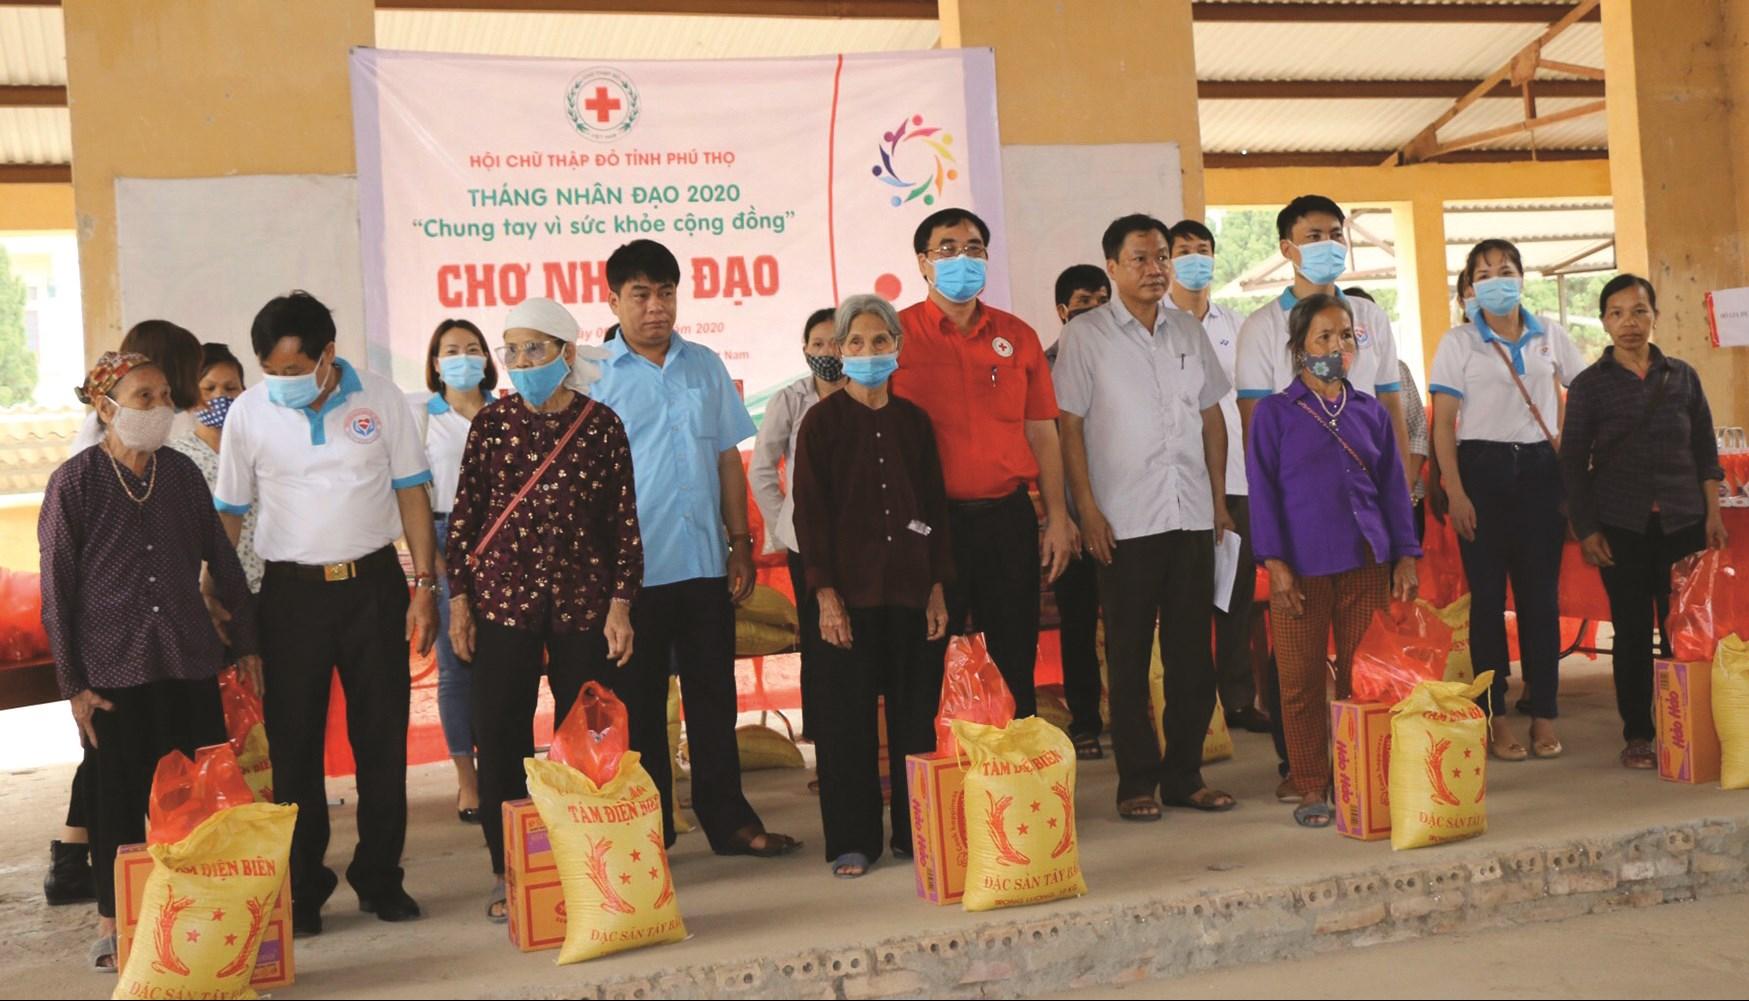 Chợ Nhân đạo hỗ trợ người dân khó khăn ở huyện Yên Lập (Phú Thọ).